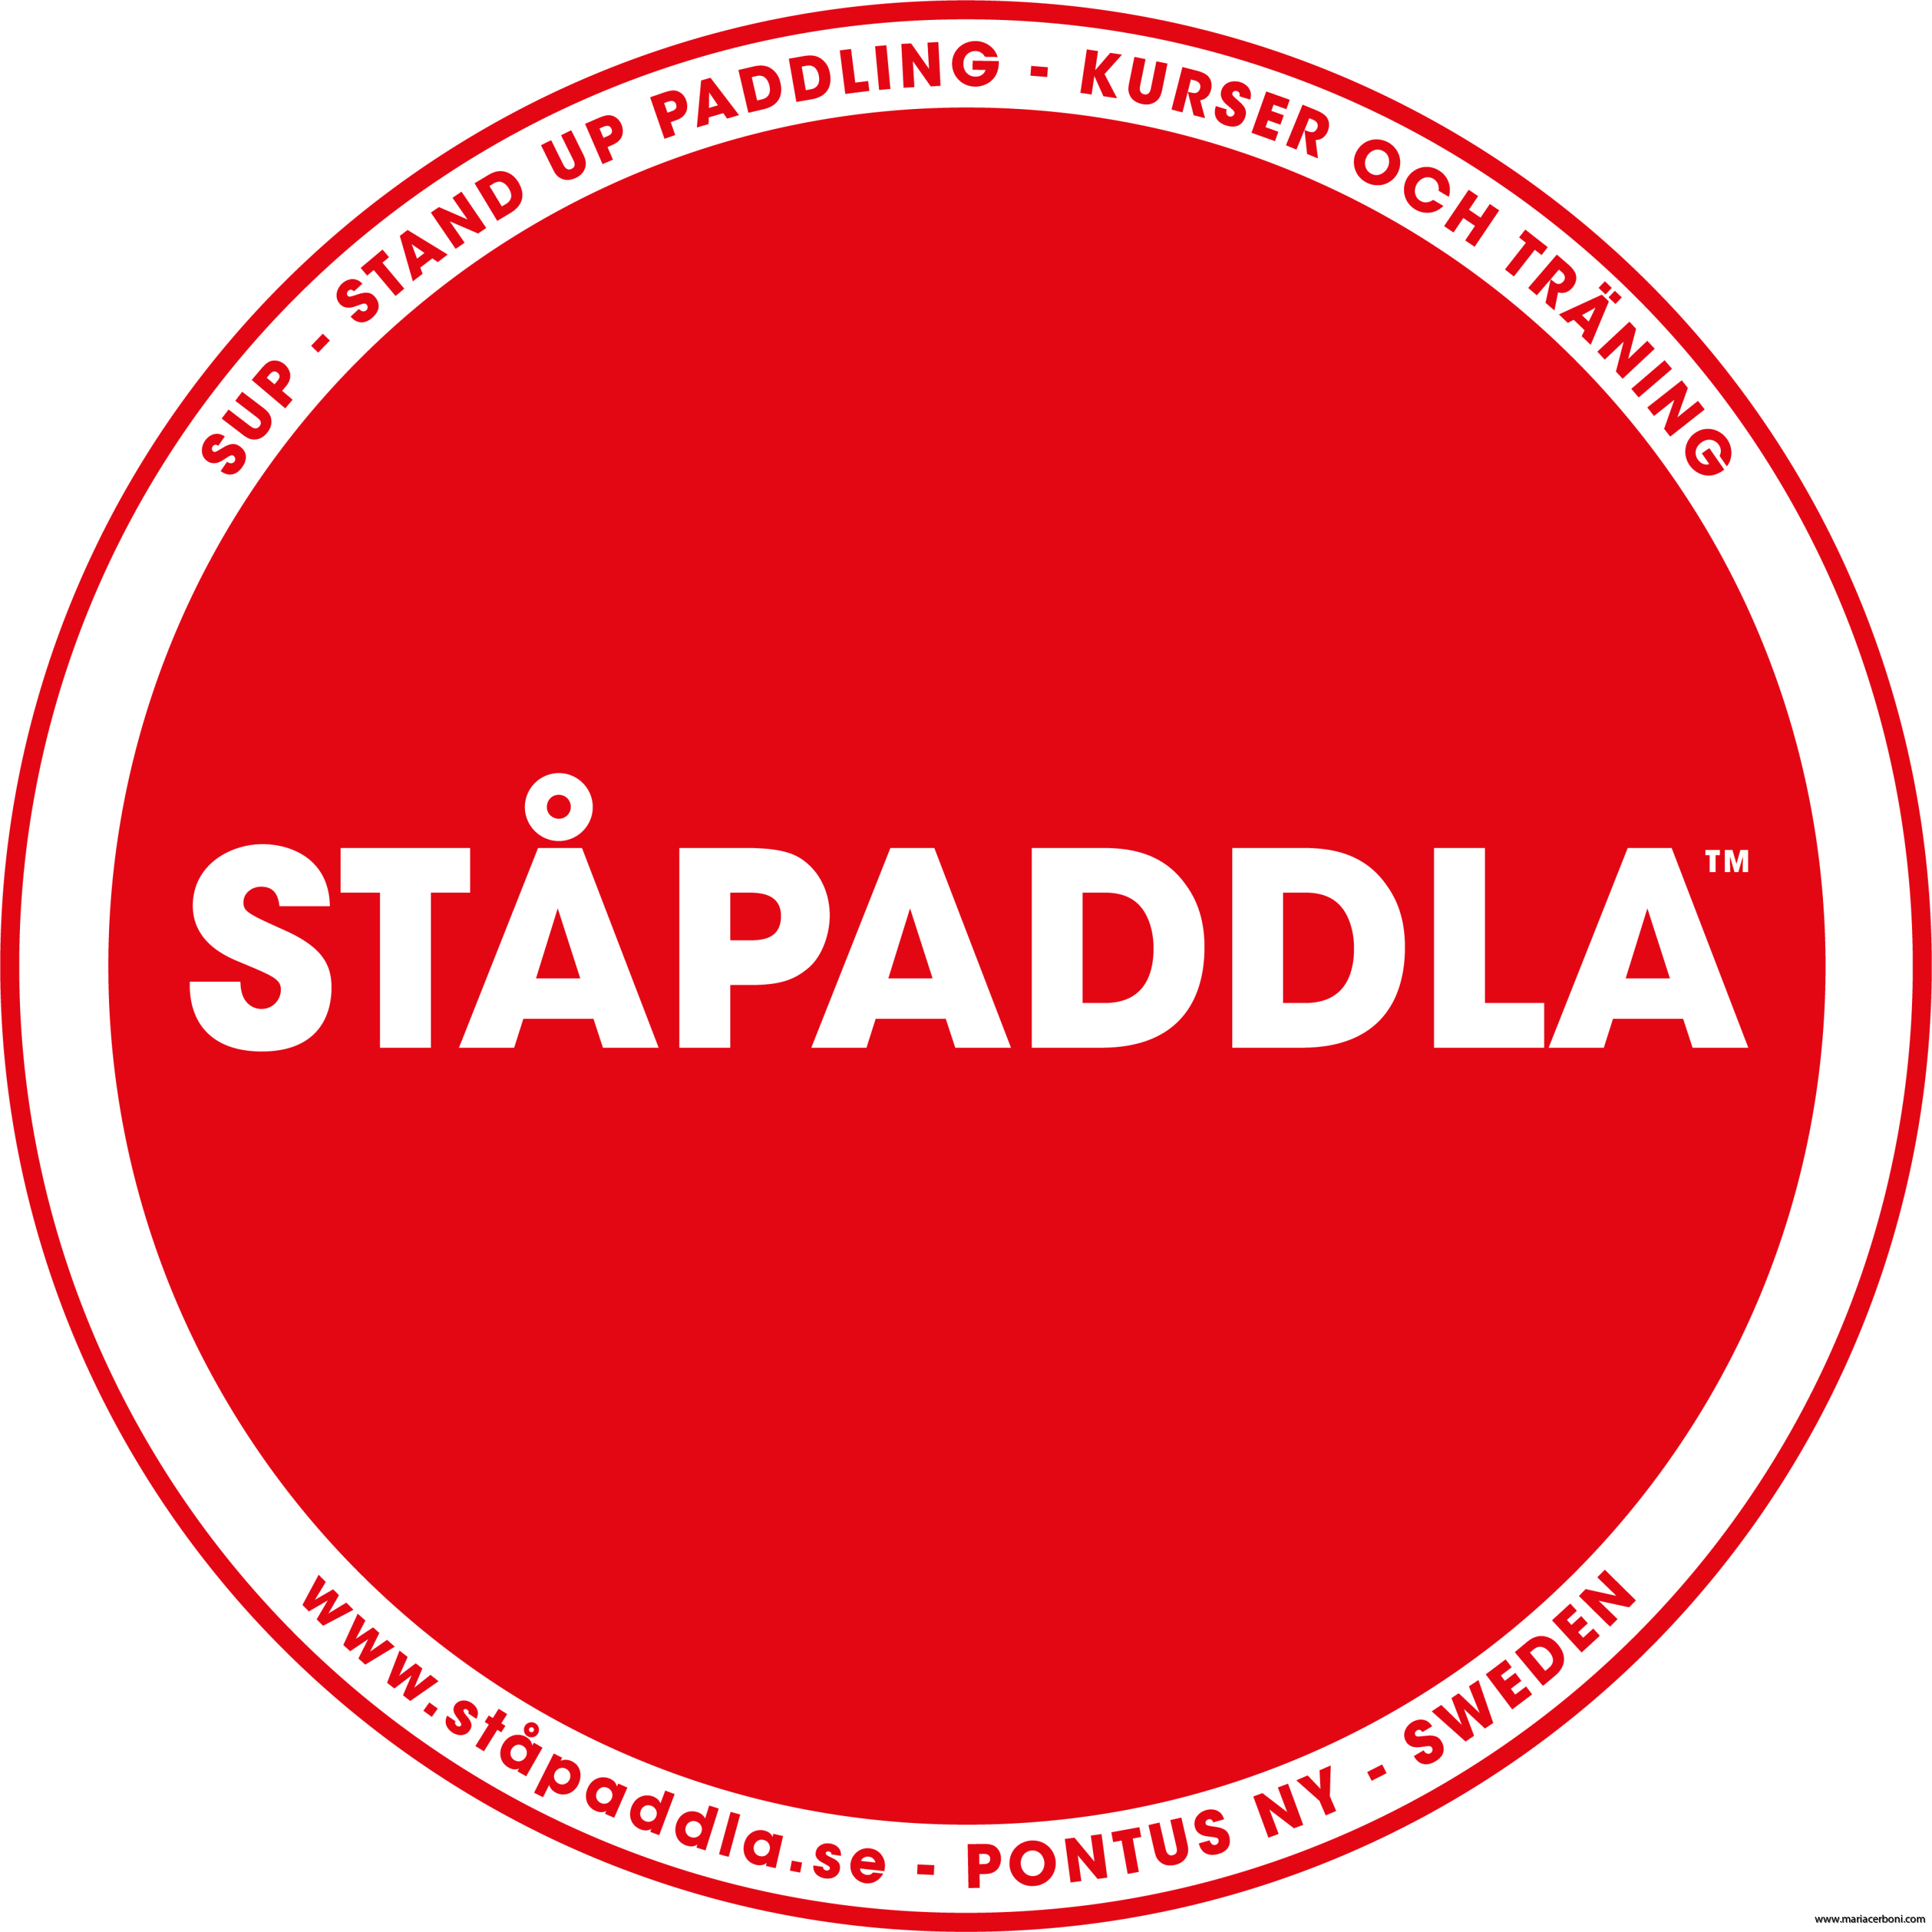 STÅPADDLA 2 B 2017